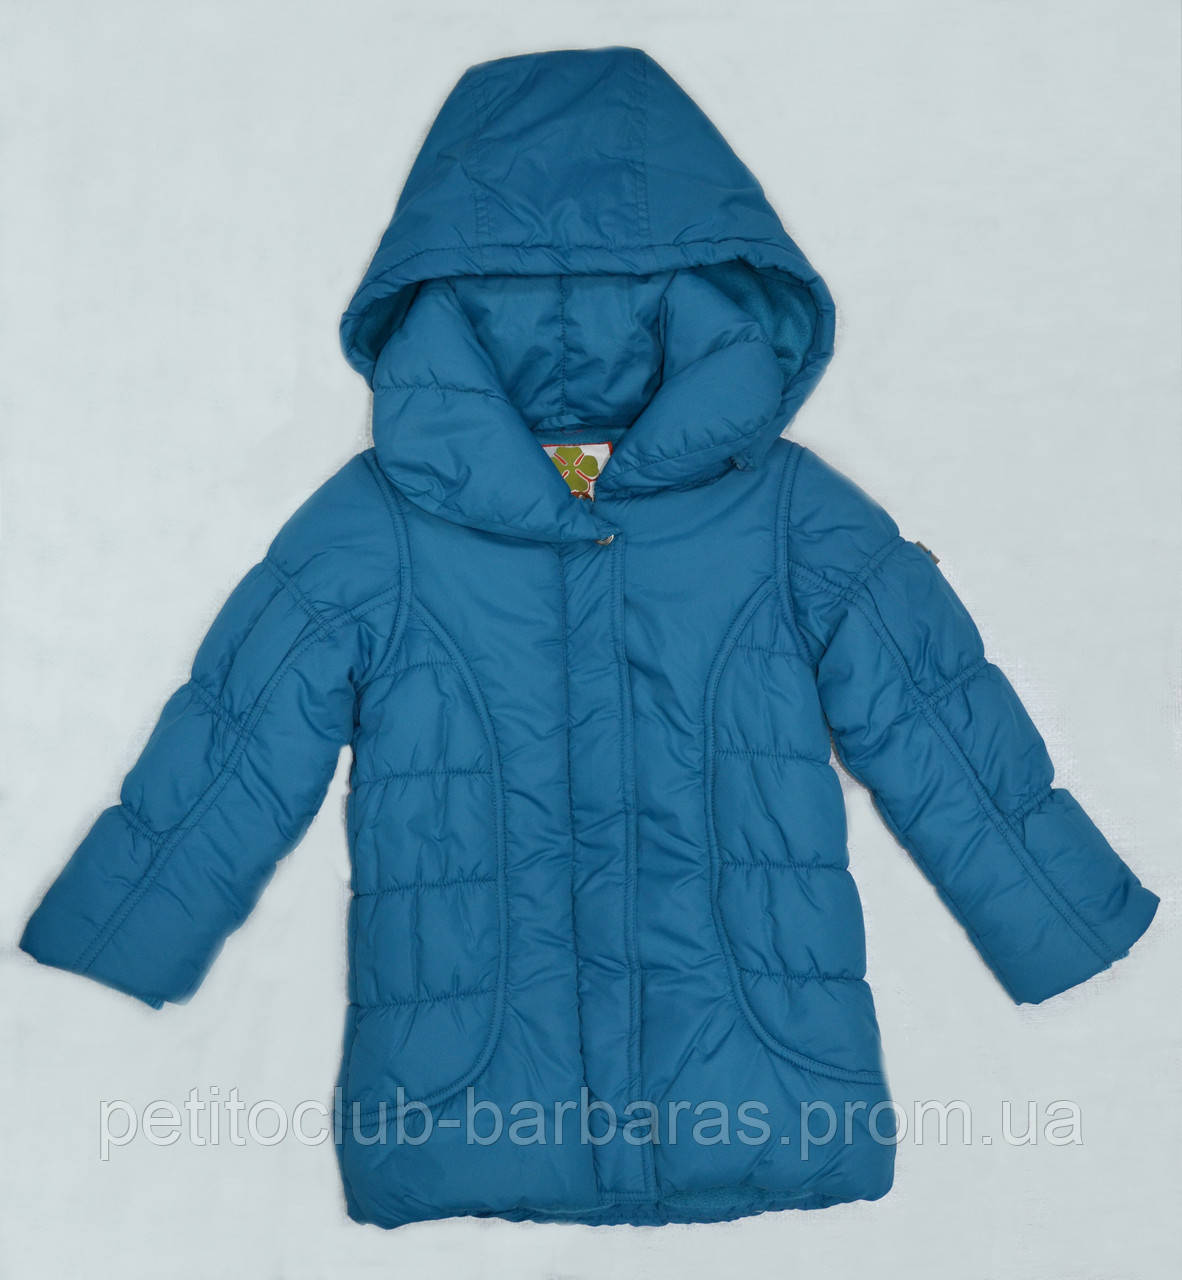 Зимняя куртка для девочки MILLA бирюзовая (р. 116-146 см)(QuadriFoglio, Польша)